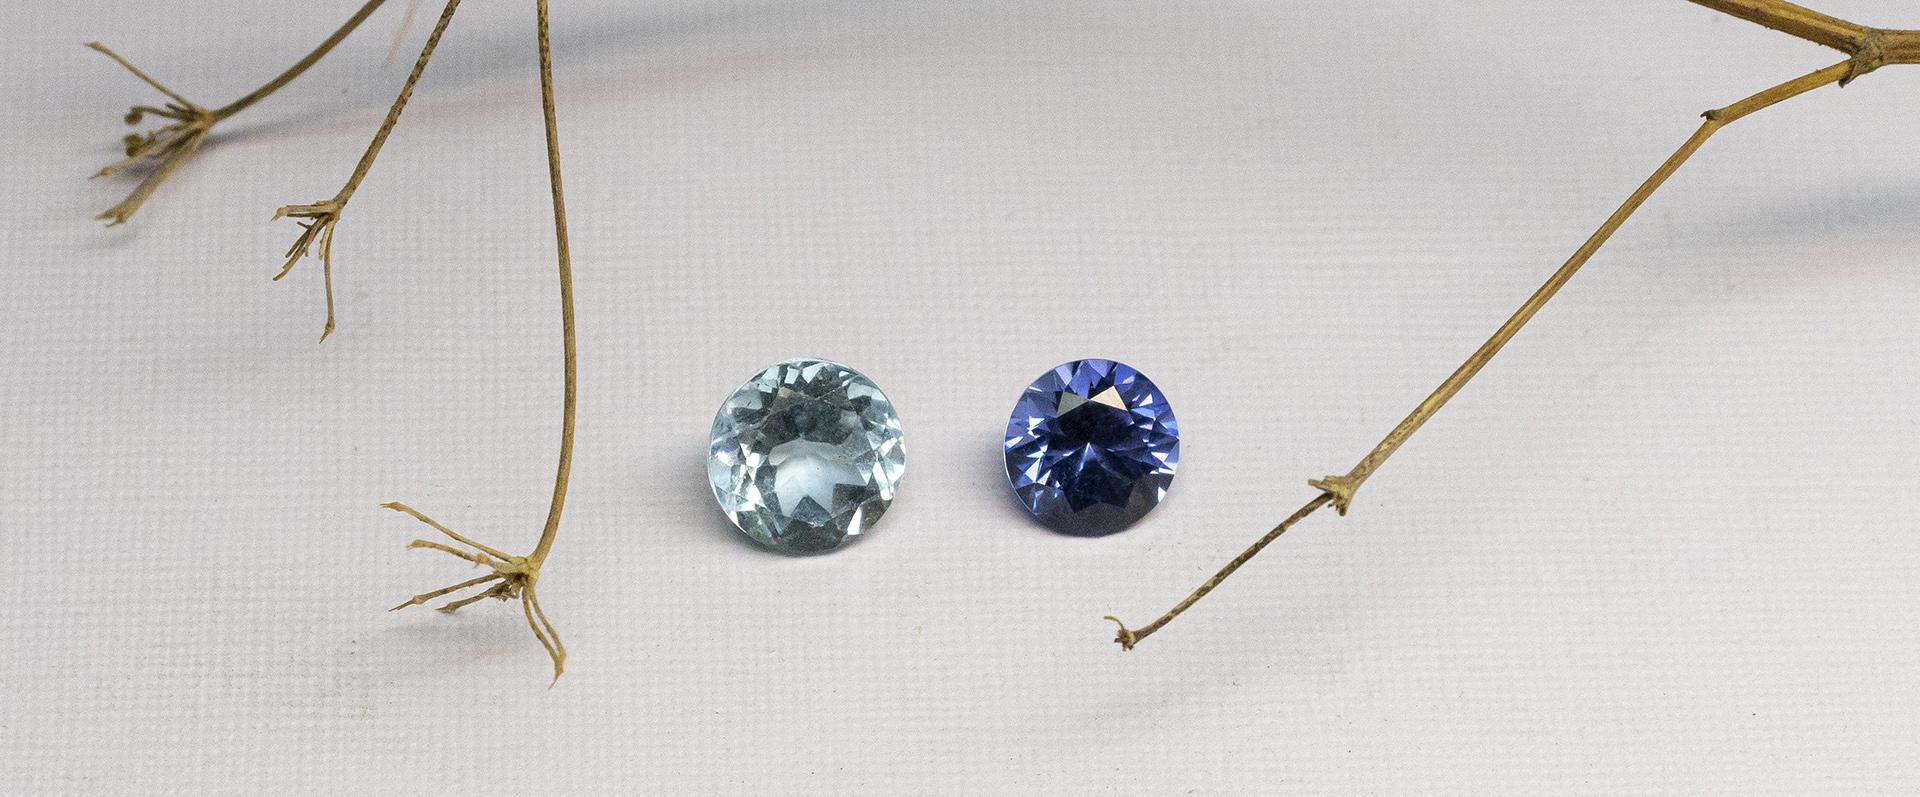 Как обманывают магазины и ювелиры при продаже камней